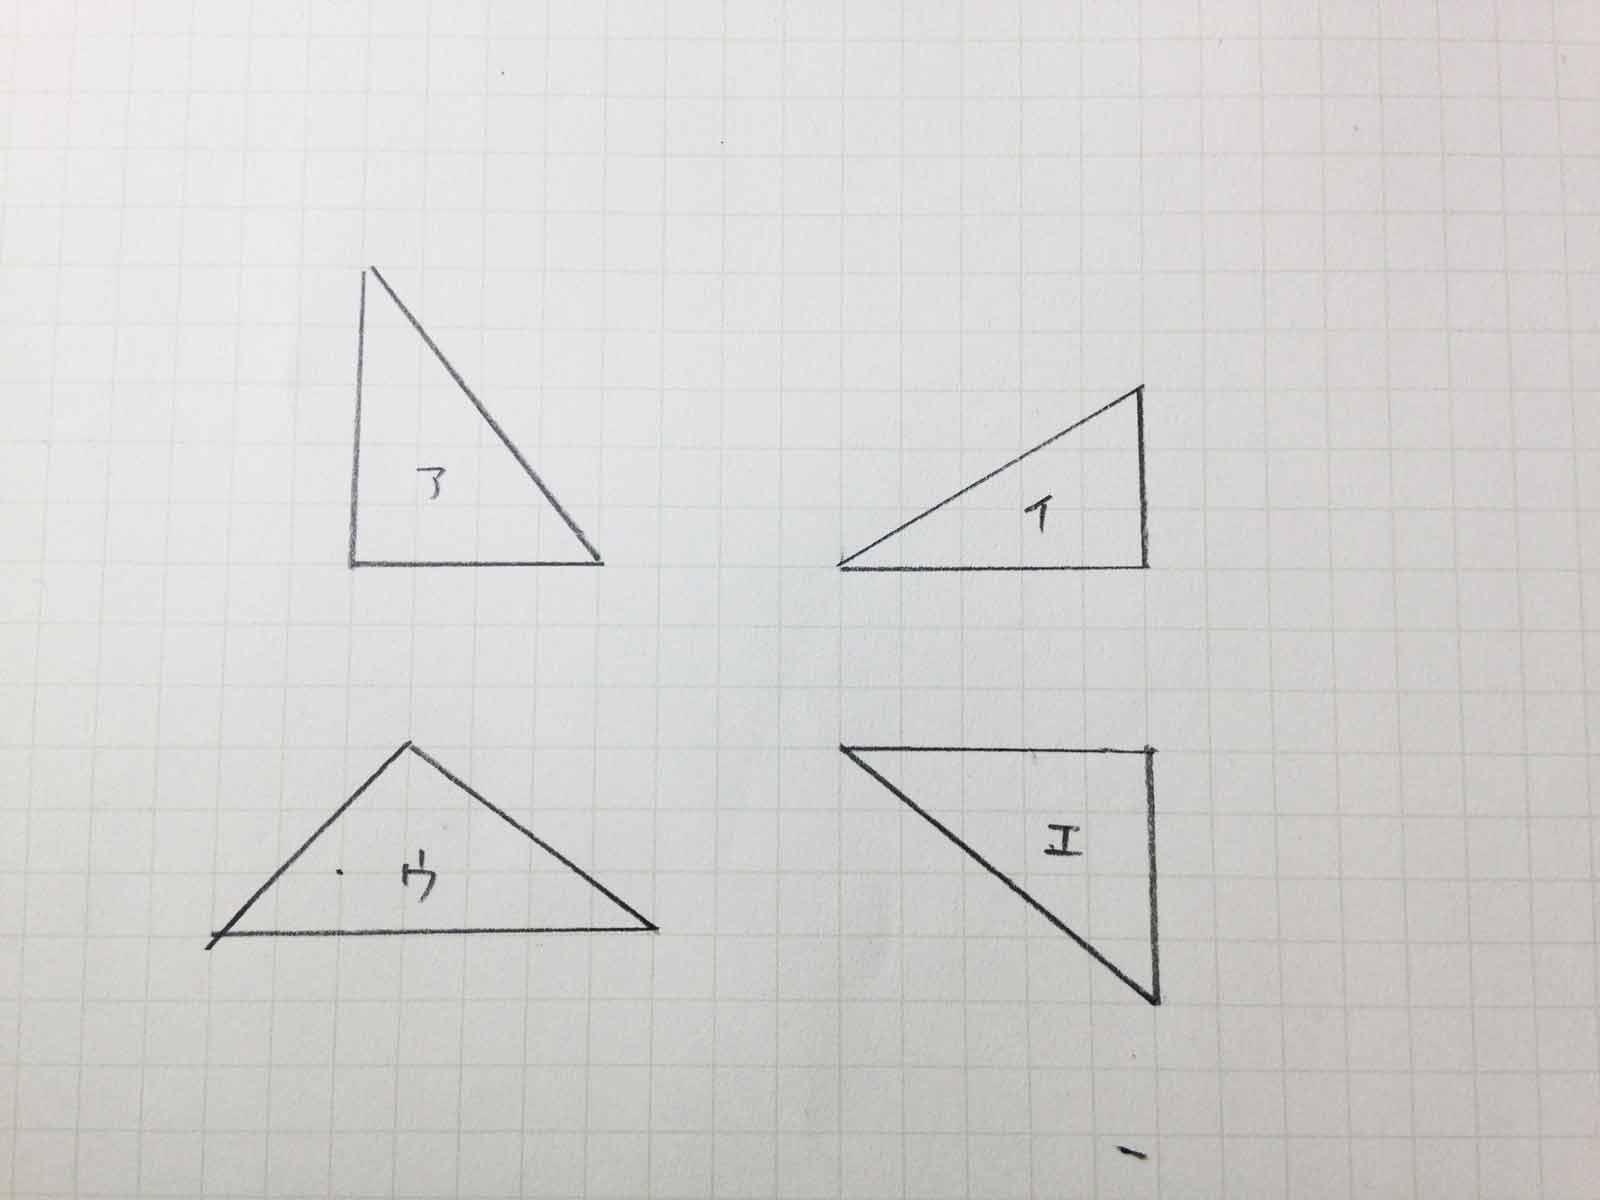 合同図形を探す_手順01